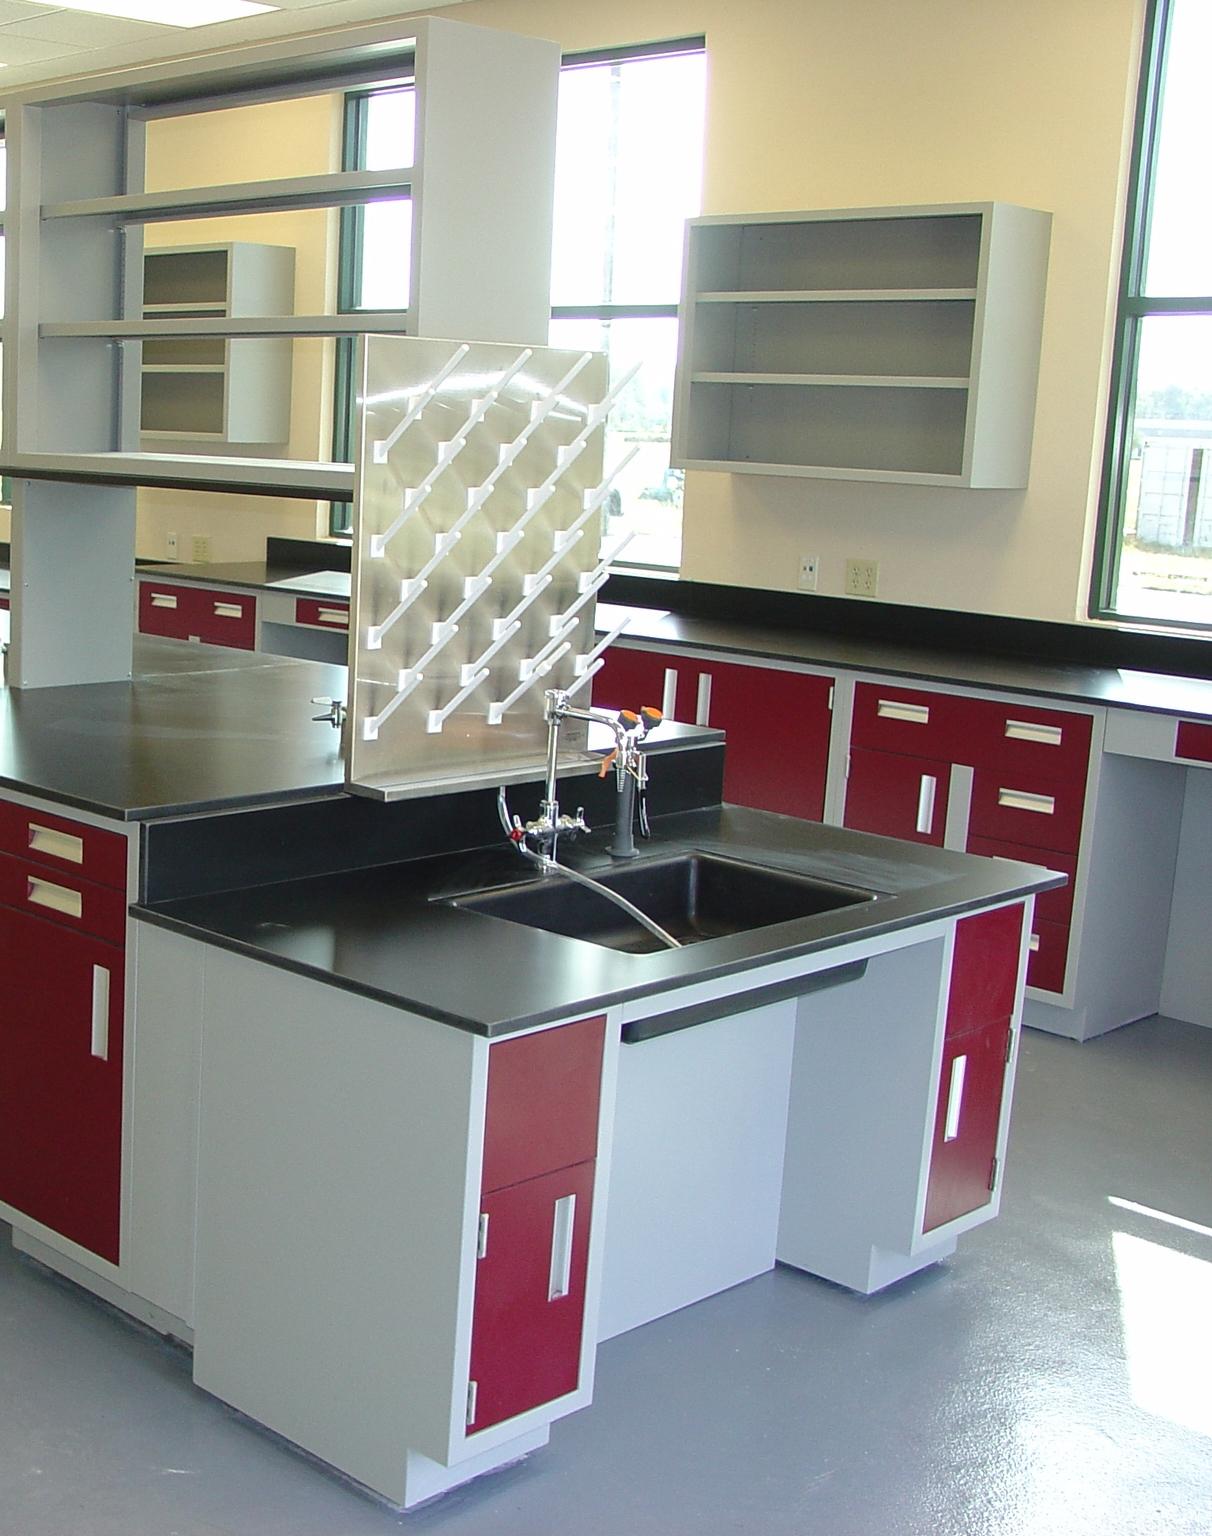 Epoxy Resin Countertops | LOC Scientific